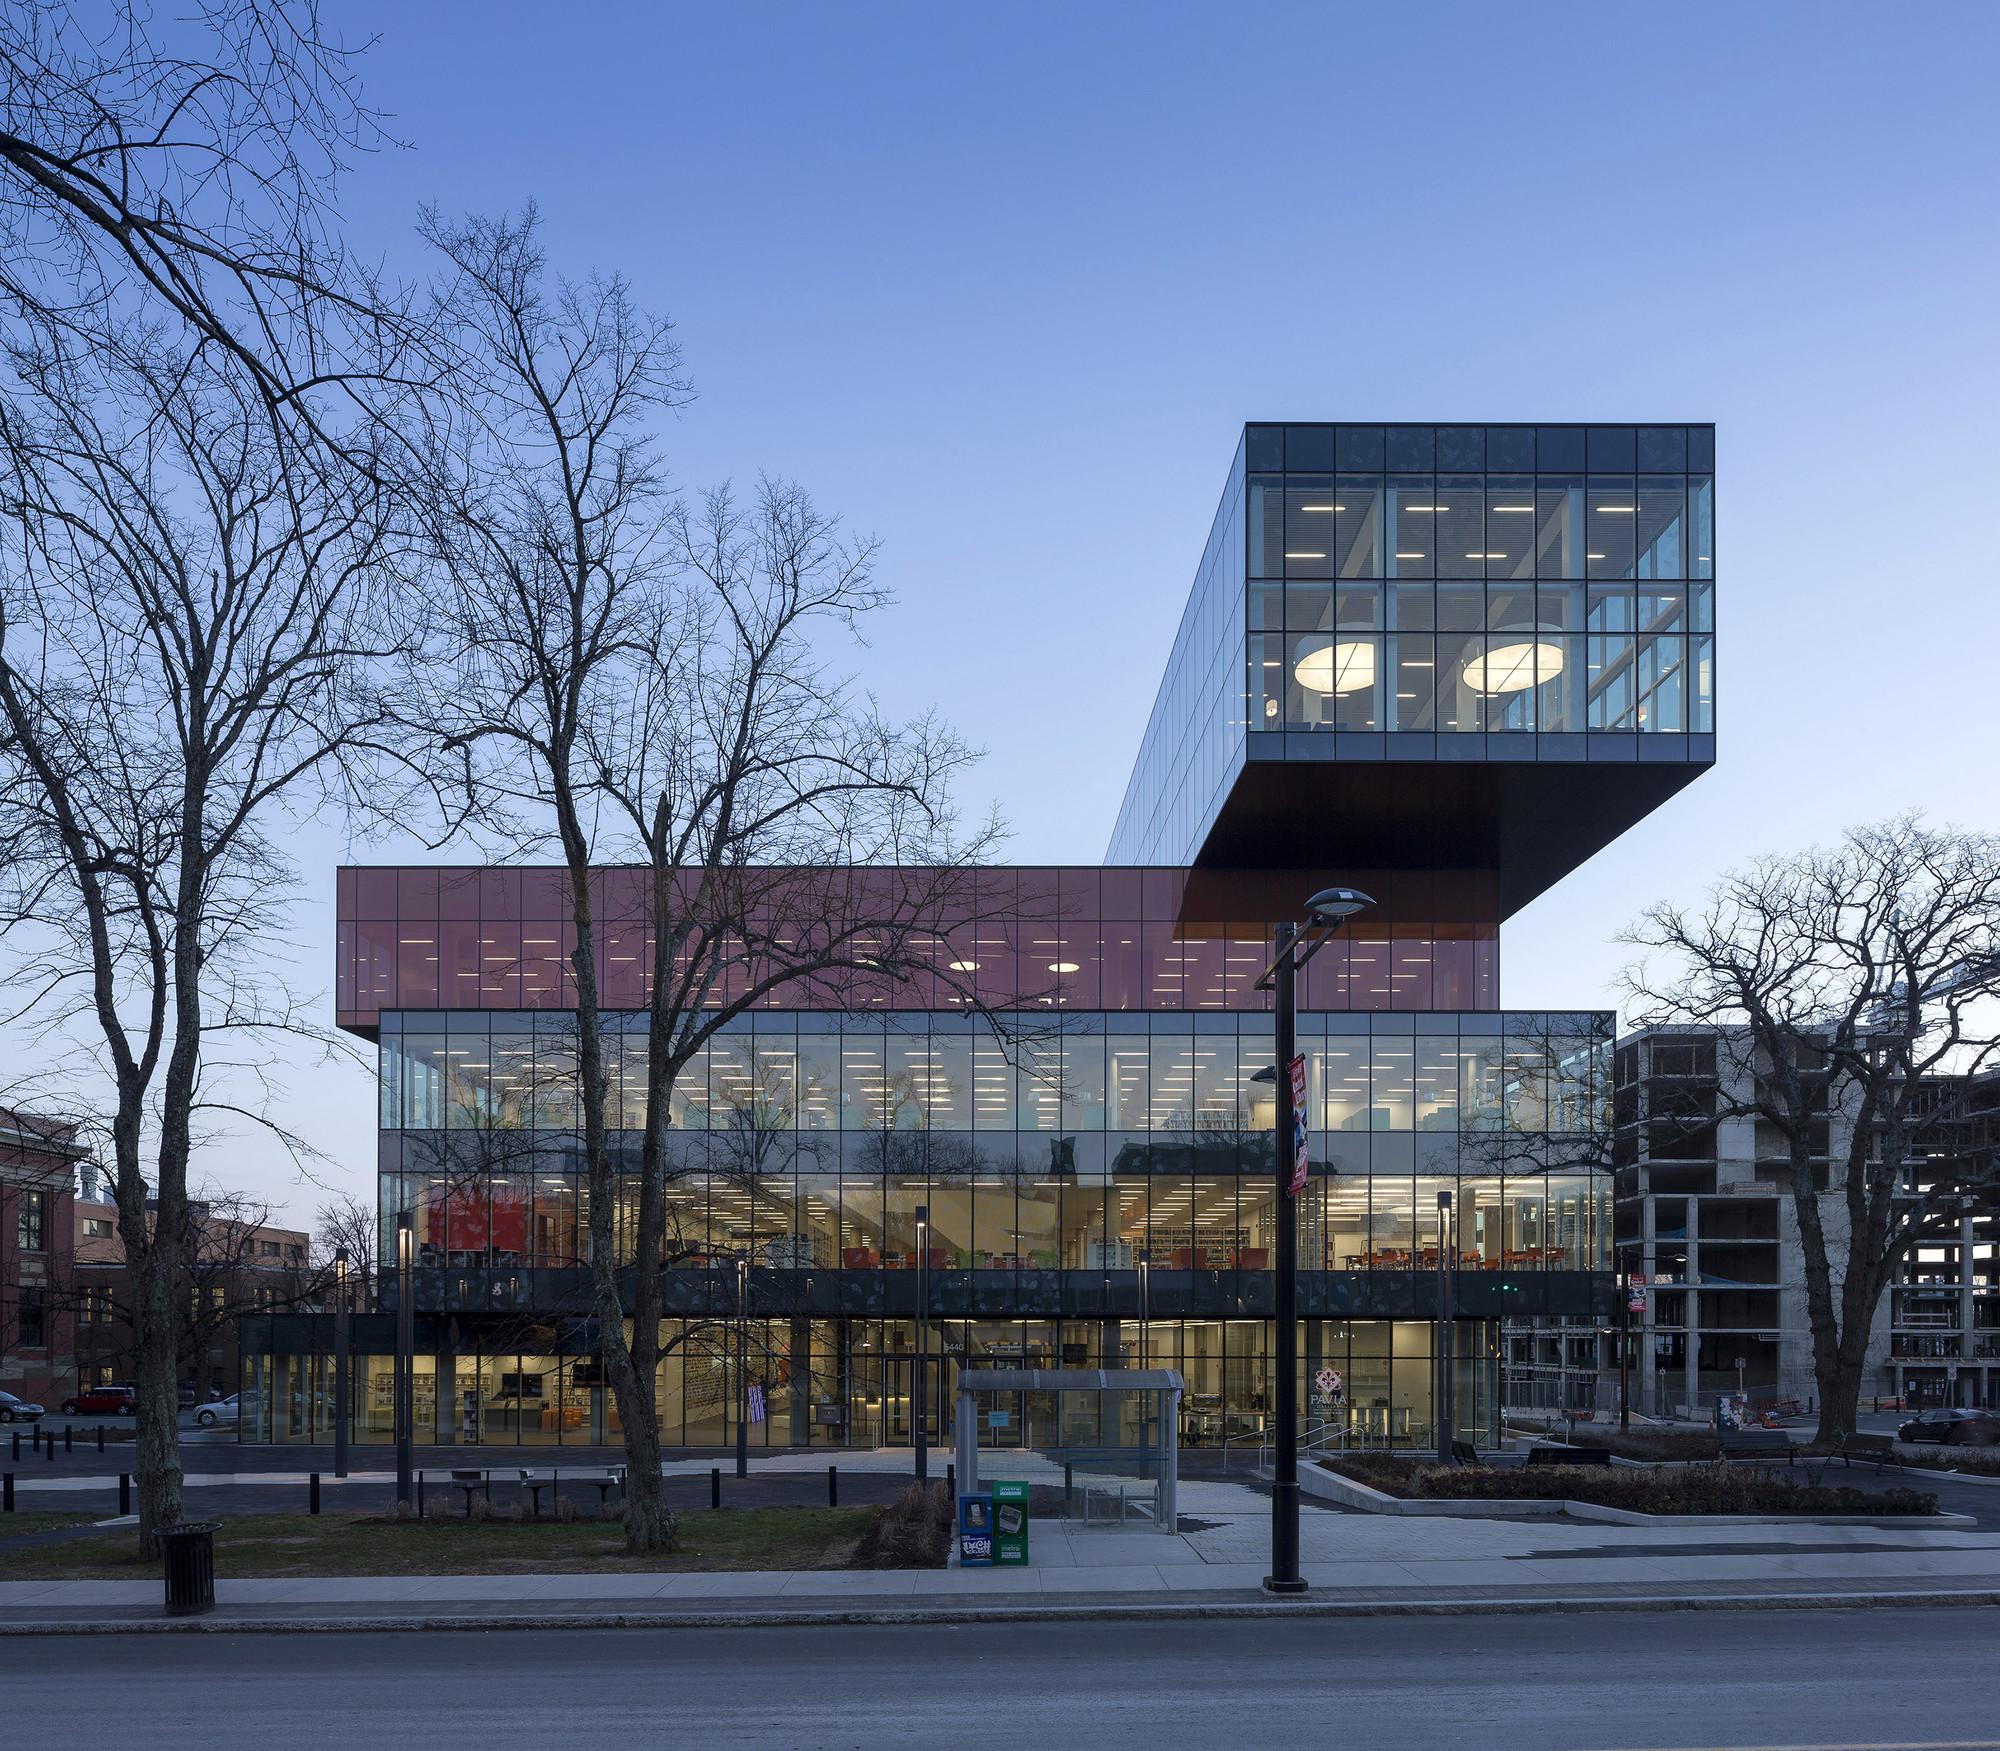 Nueva Biblioteca Central de Halifax / Schmidt Hammer Lassen, © Adam Mørk